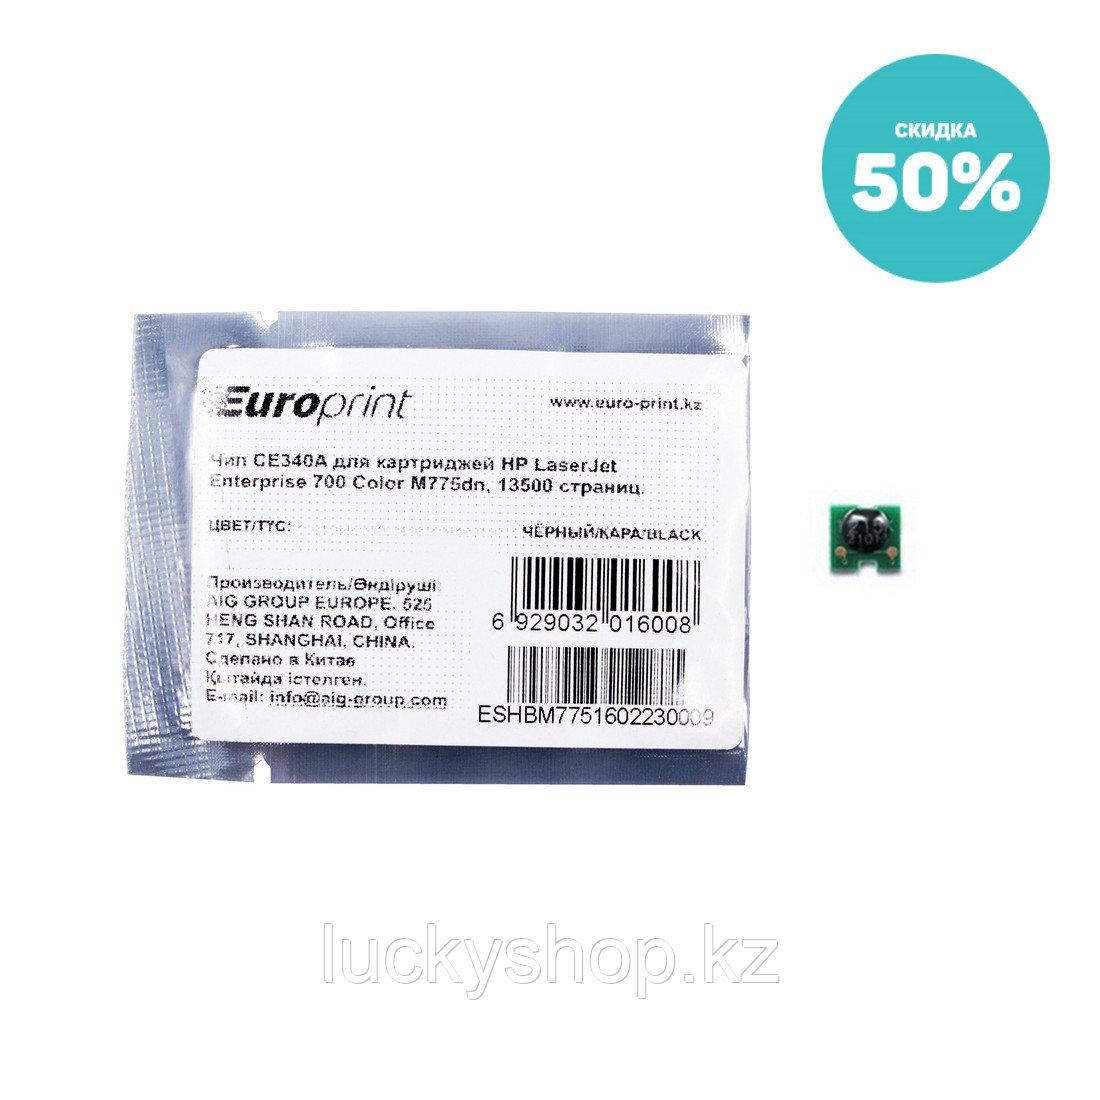 Чип Europrint HP CE340A